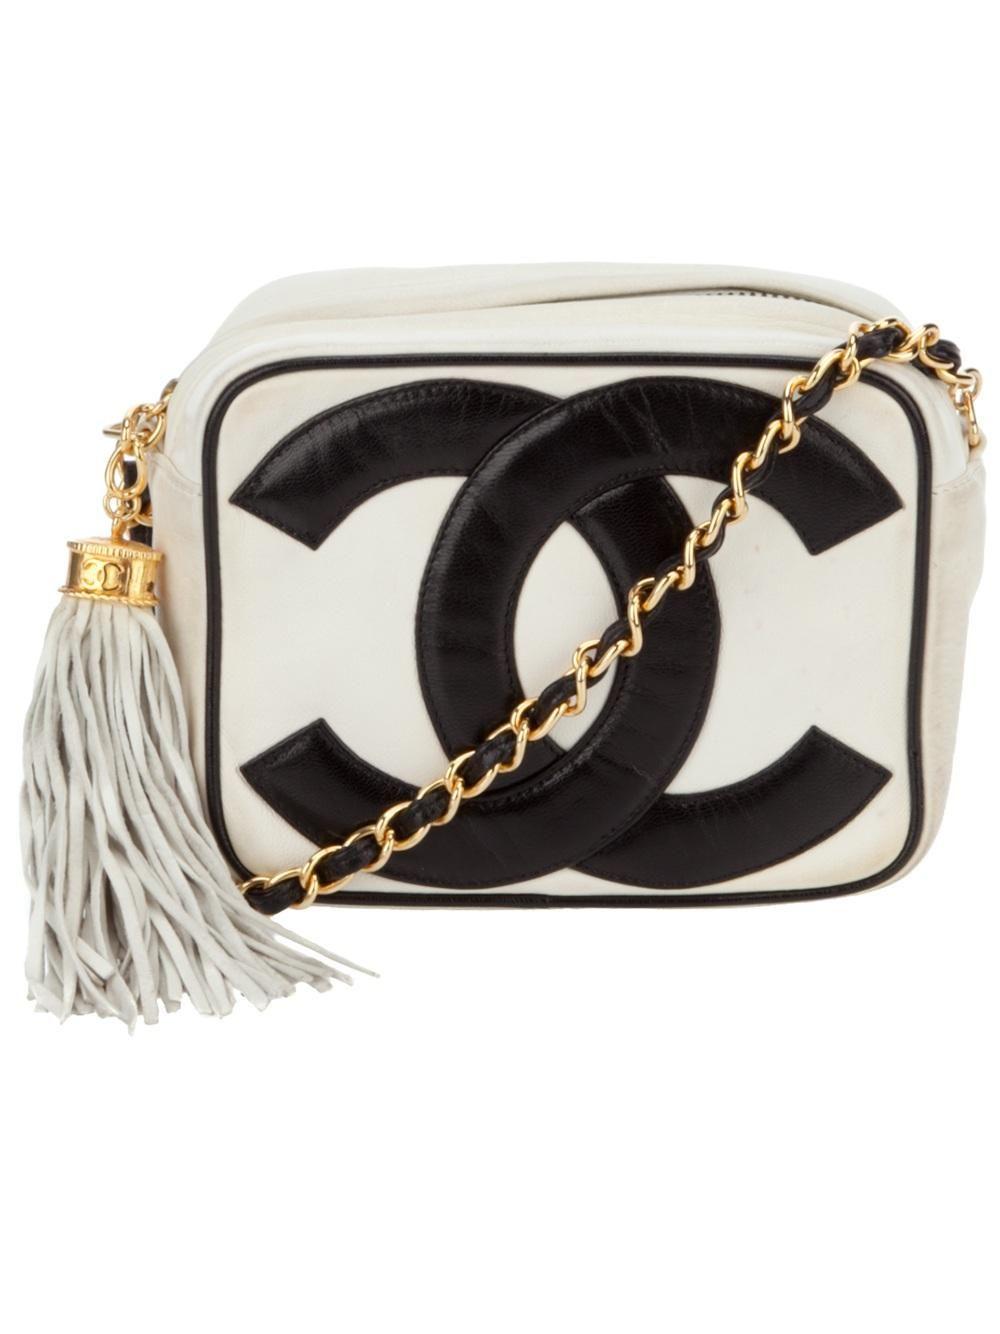 Vintage Chanel Handbag Vintage Chanel Bag Vintage Chanel Chanel Bag